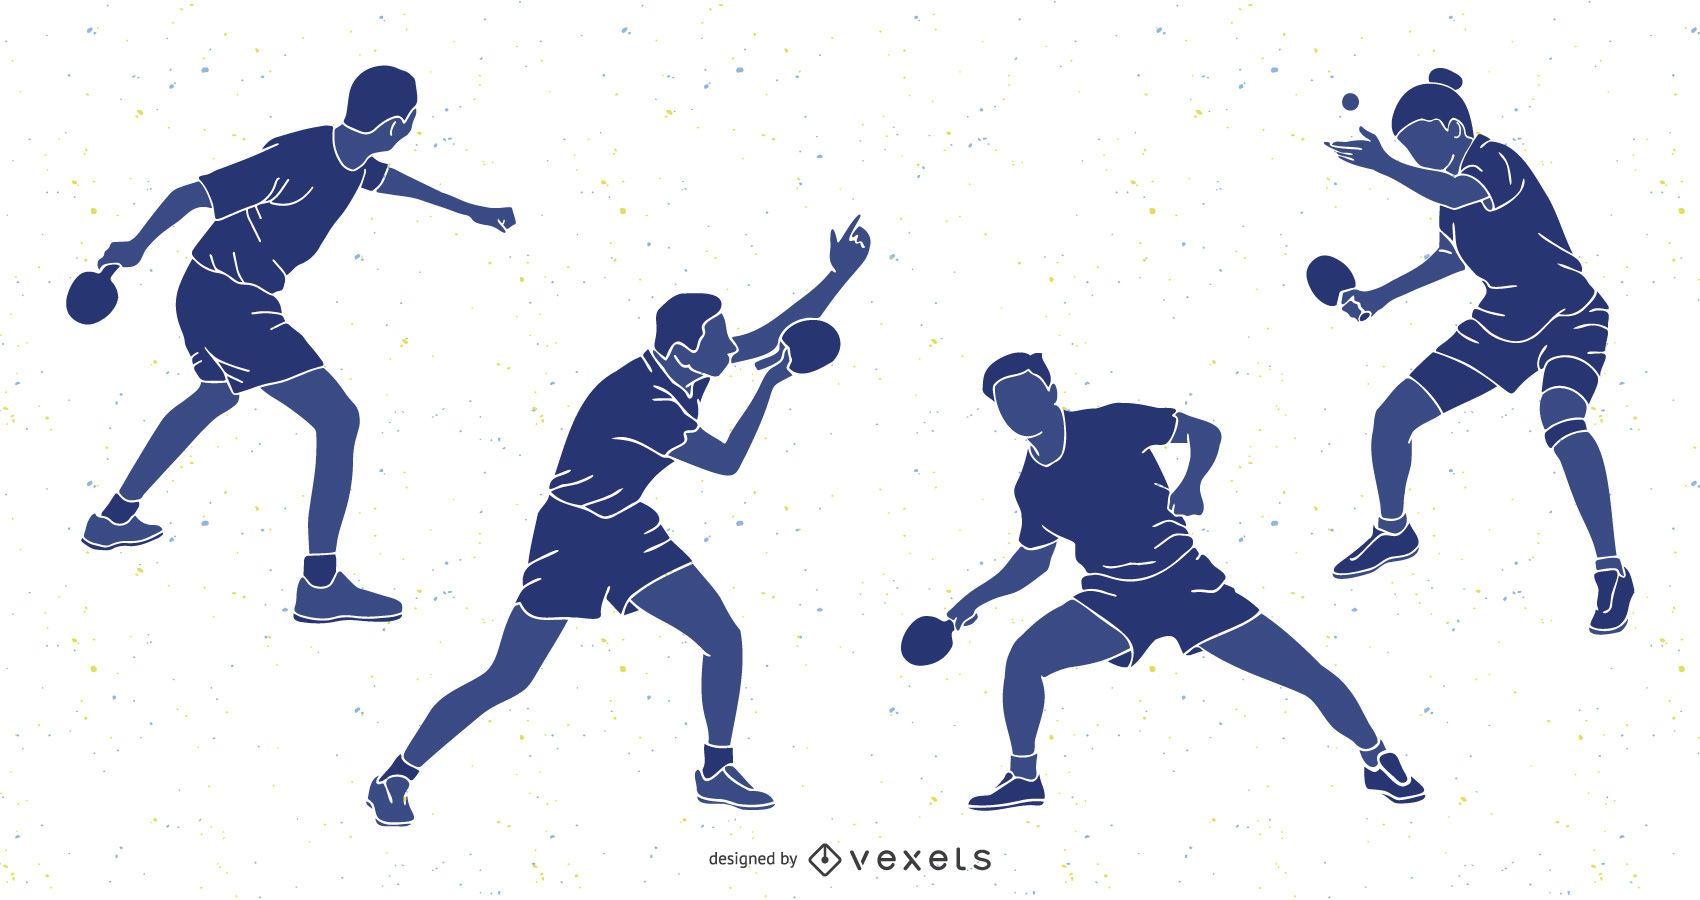 Paquete de silueta de personas de tenis de mesa